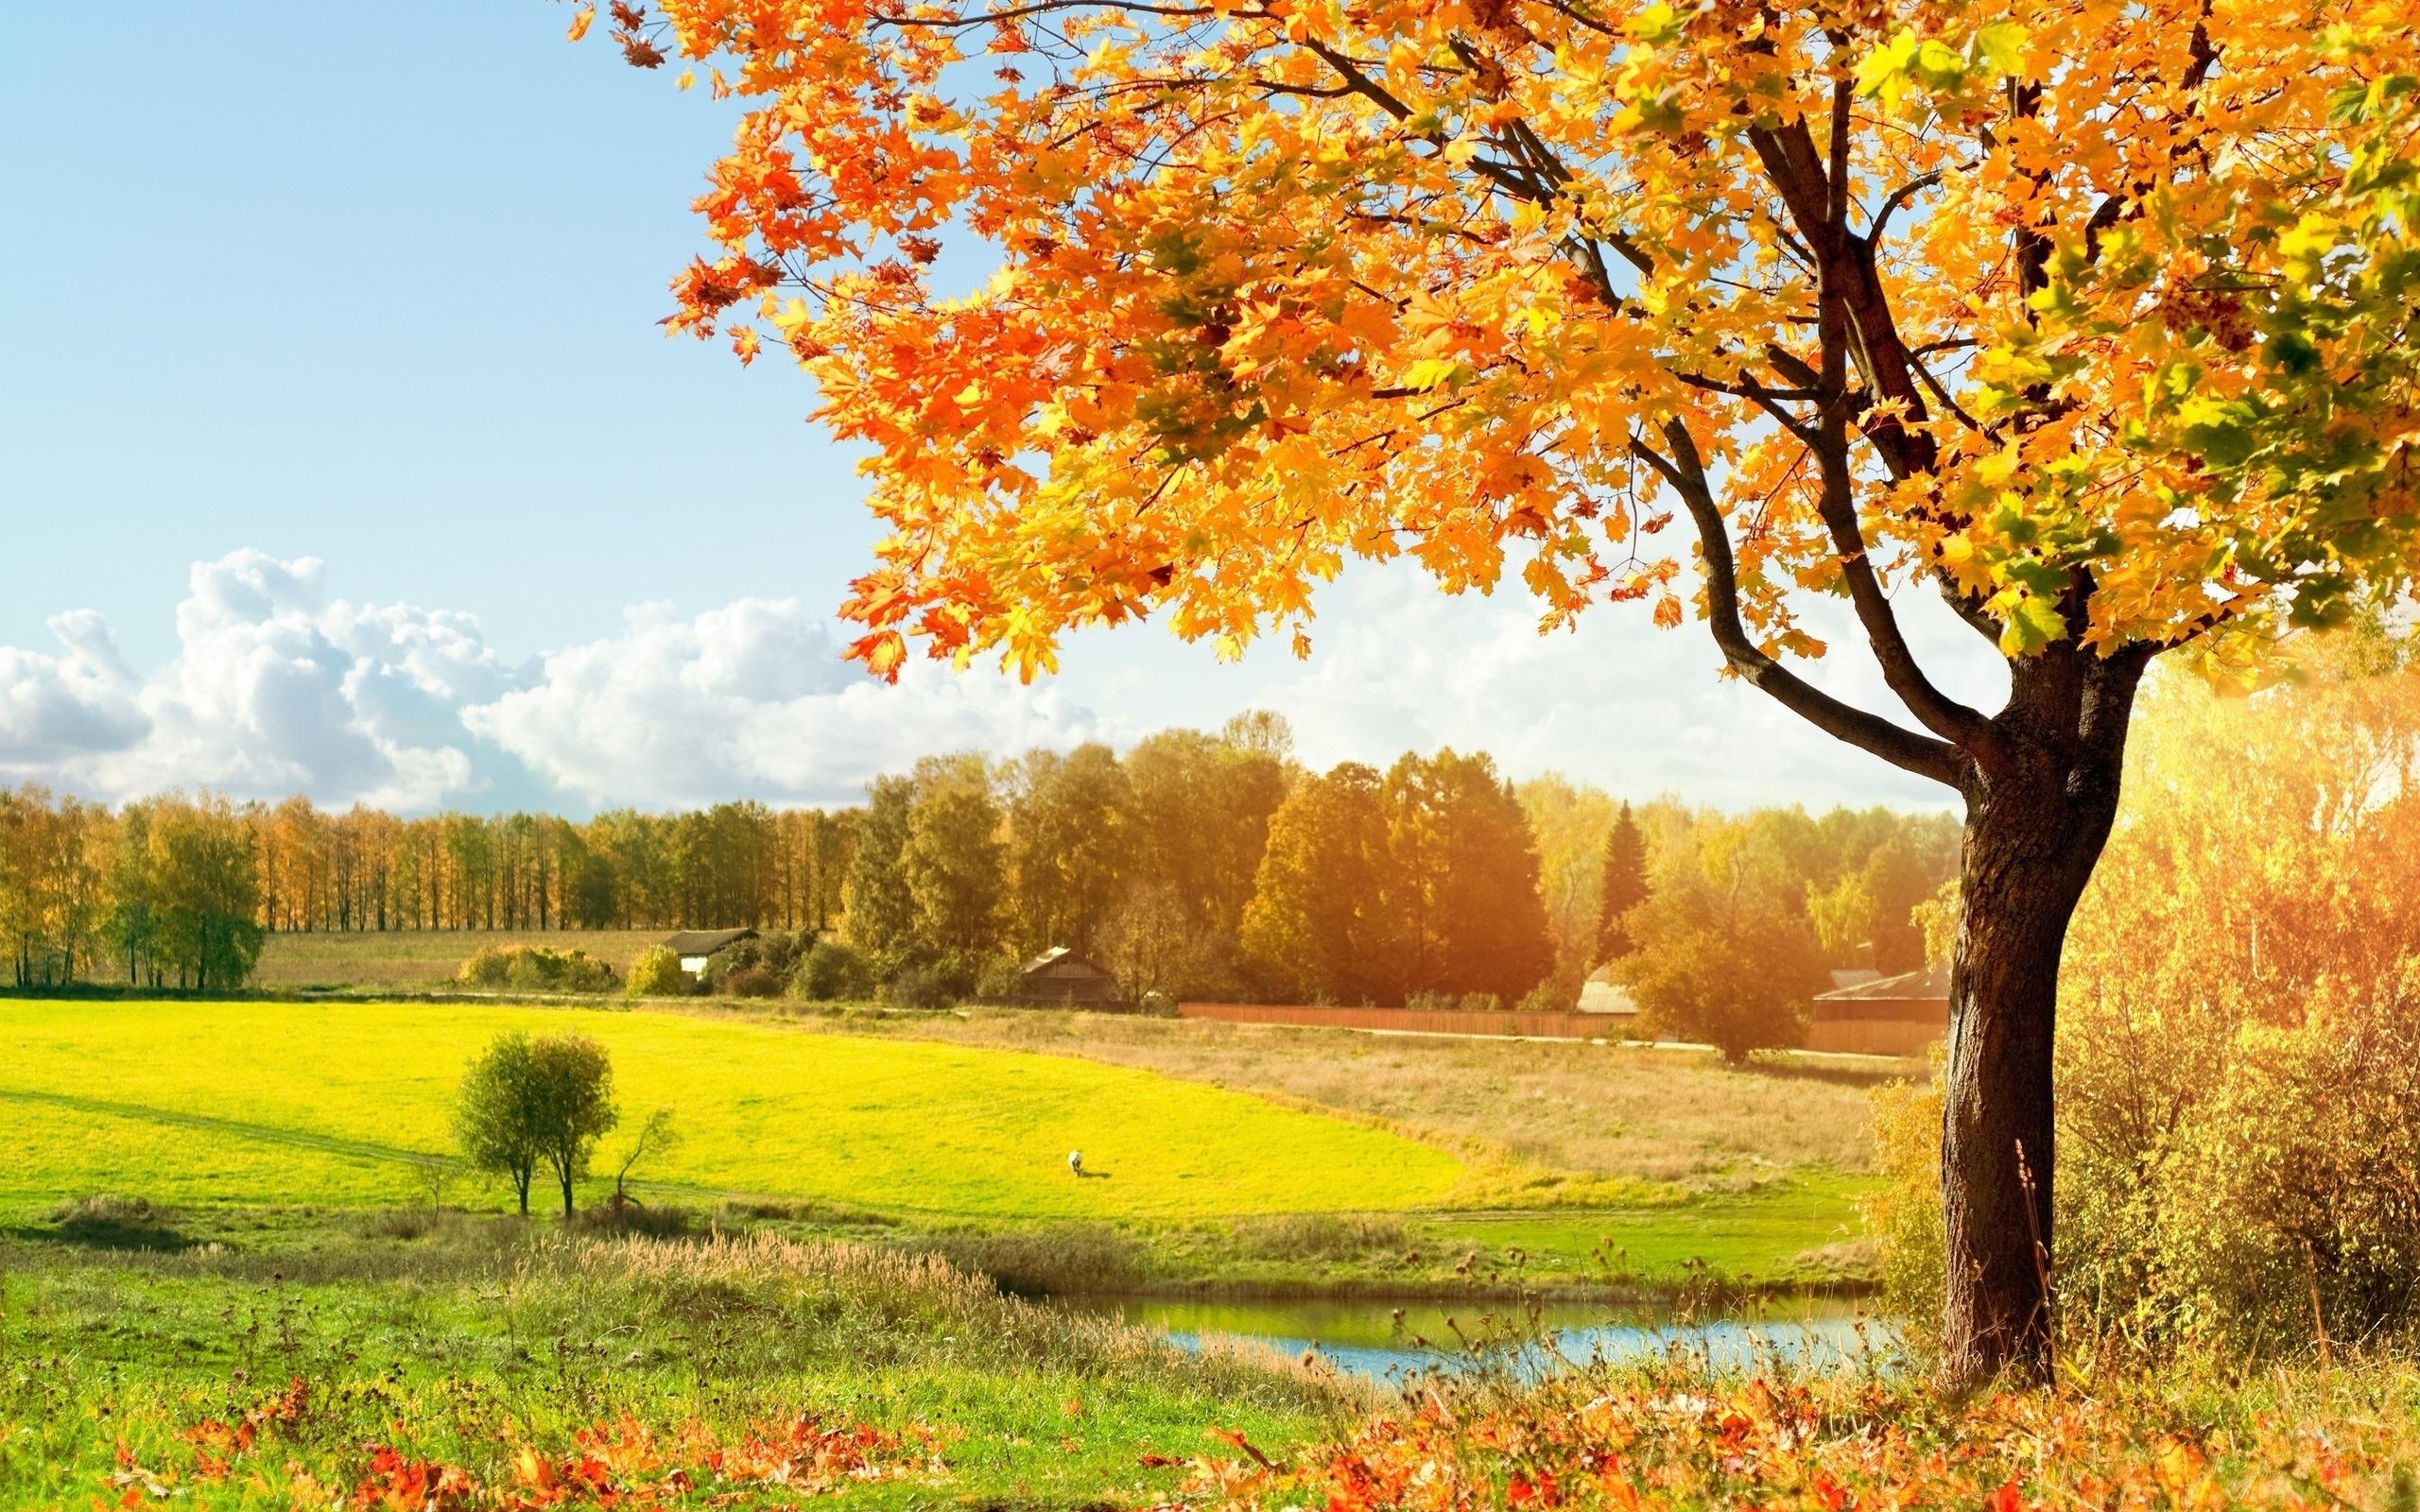 25942 скачать обои Пейзаж, Деревья, Поля, Осень - заставки и картинки бесплатно